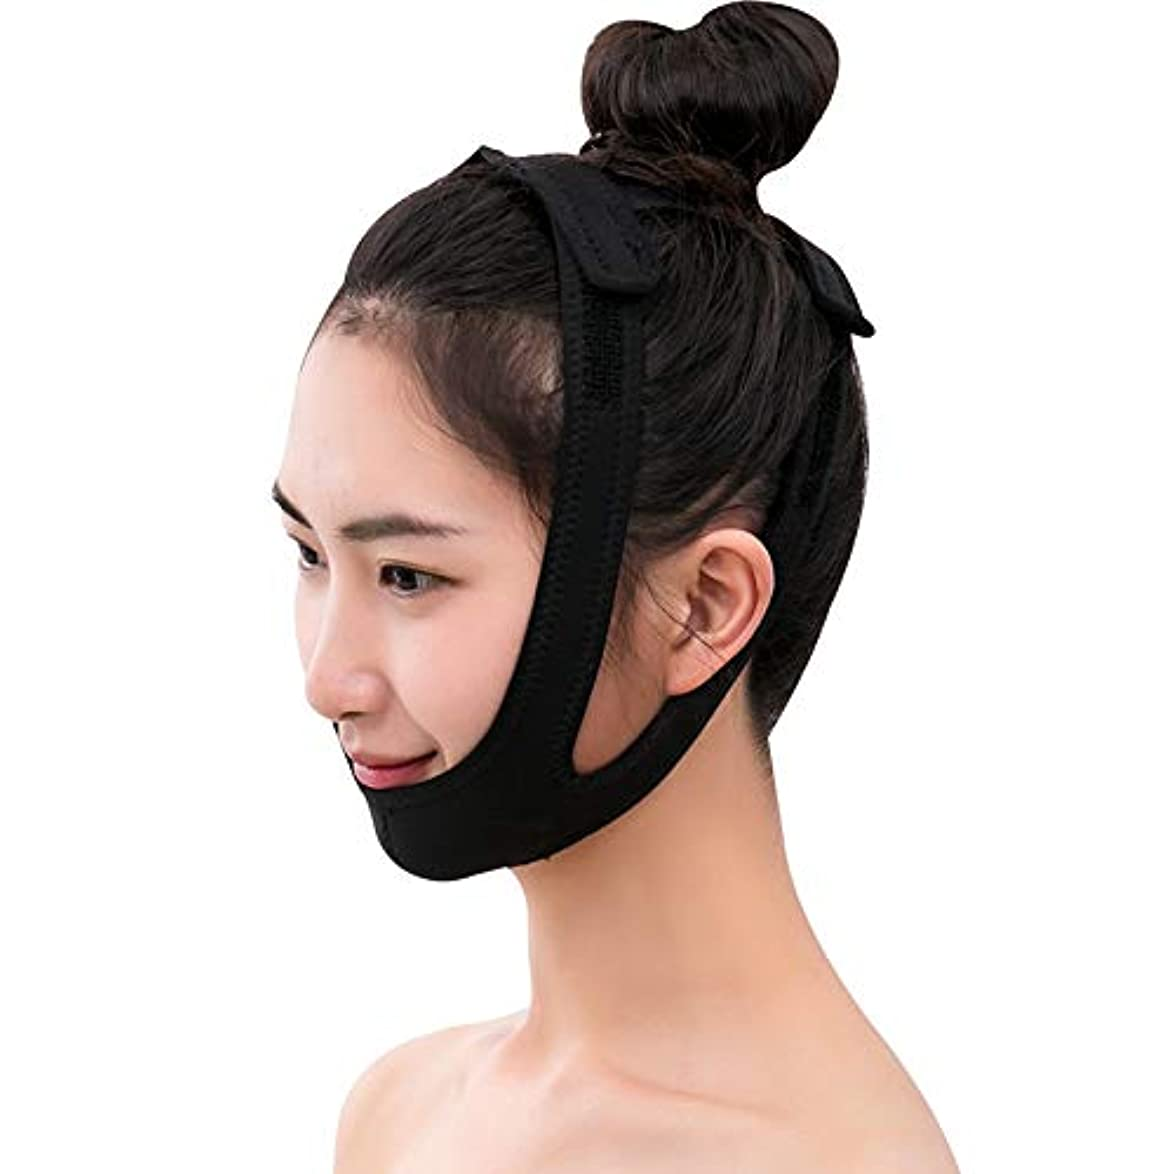 観察する正しい読書薄いフェイスバンド - 薄い顔の包帯ビューティーインストゥルメントフェイシャルリフト睡眠マスク法Vフェイスマスクの通気性を作る